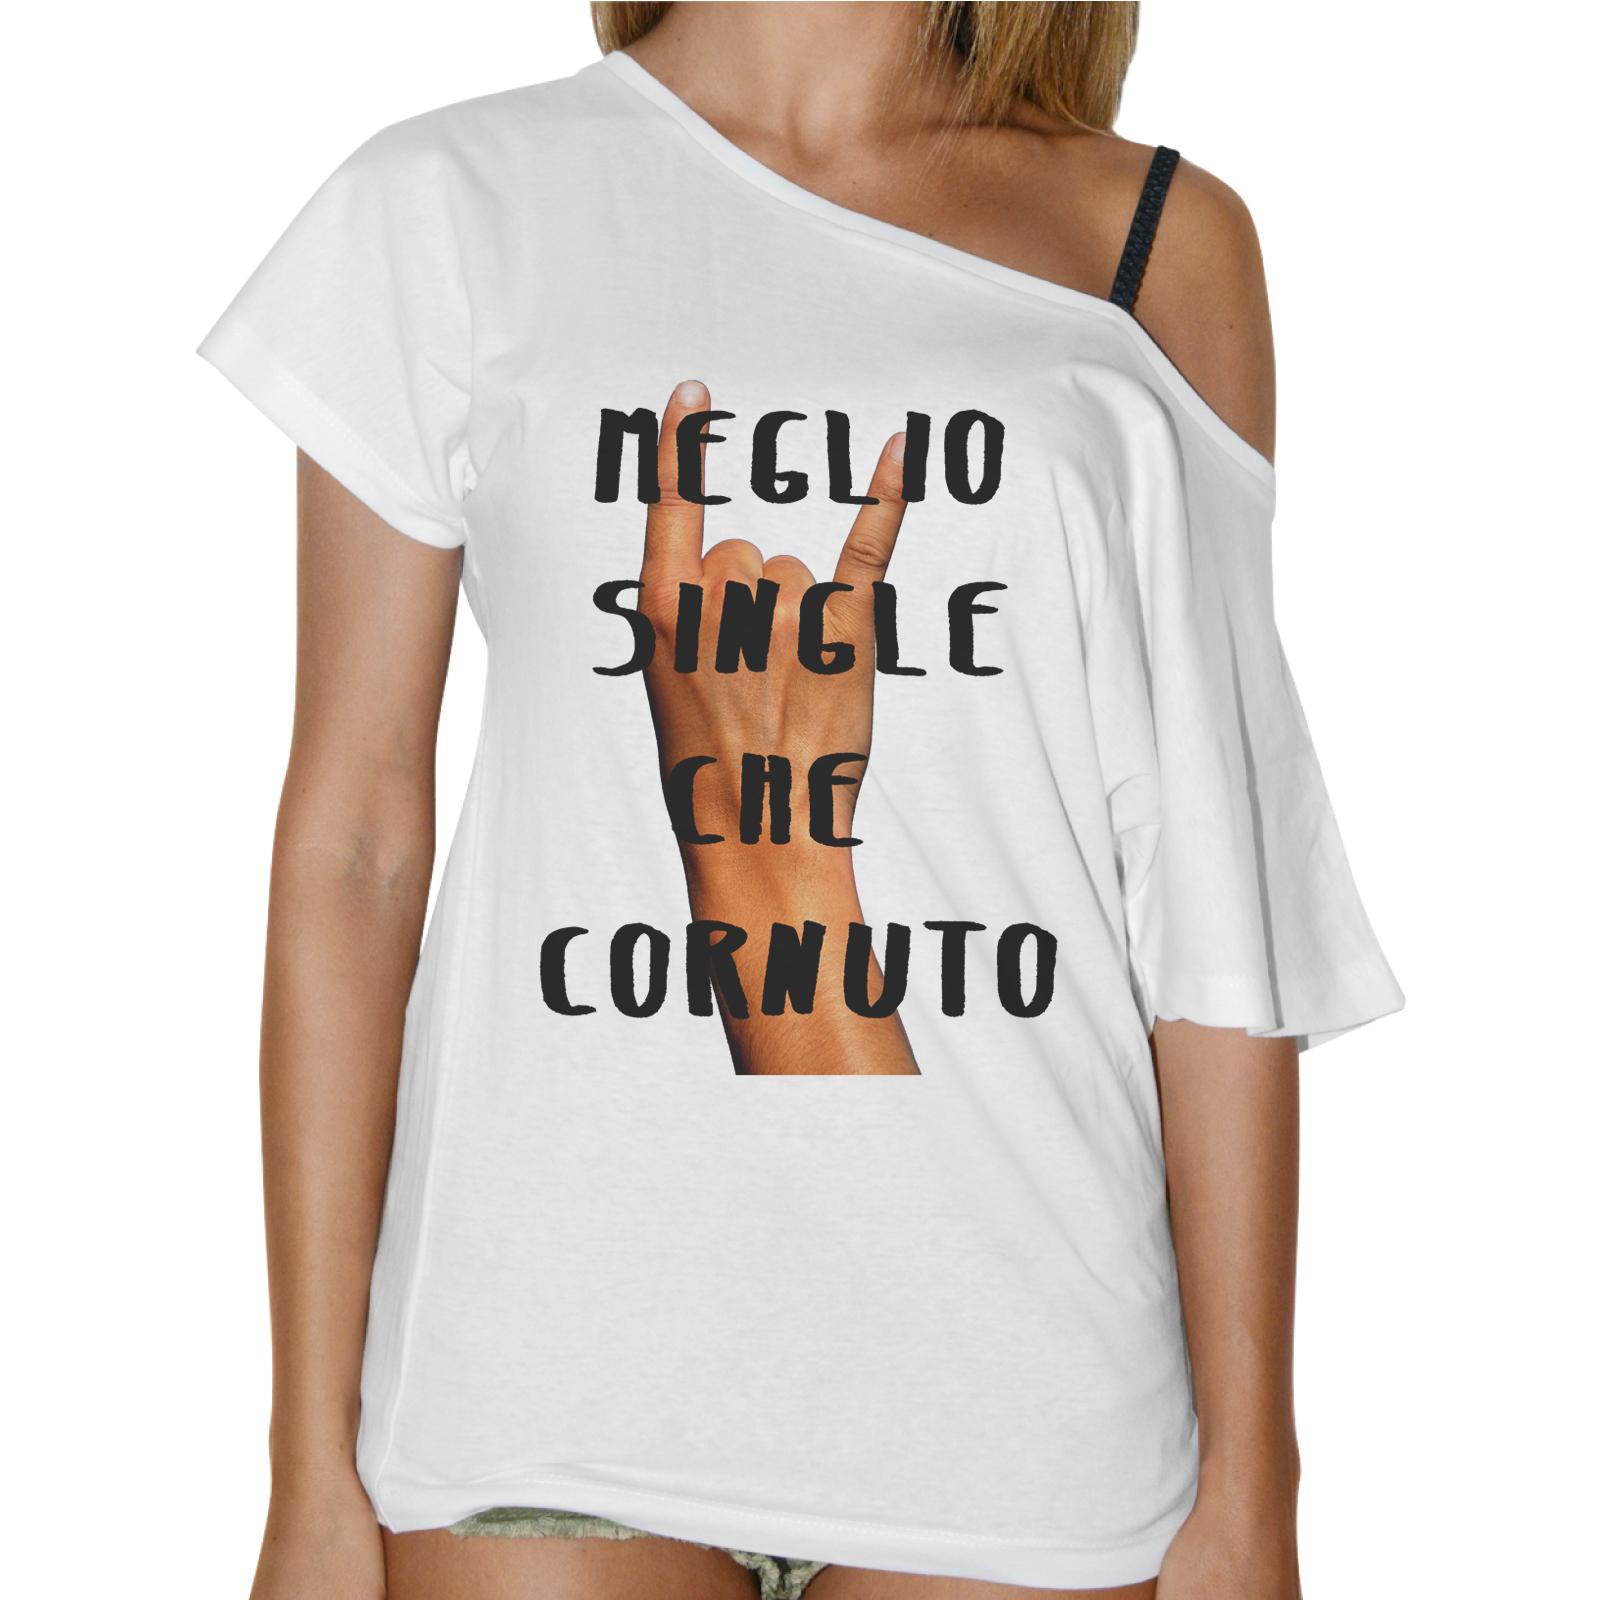 T-Shirt Donna Collo Barca MEGLIO SINGLE